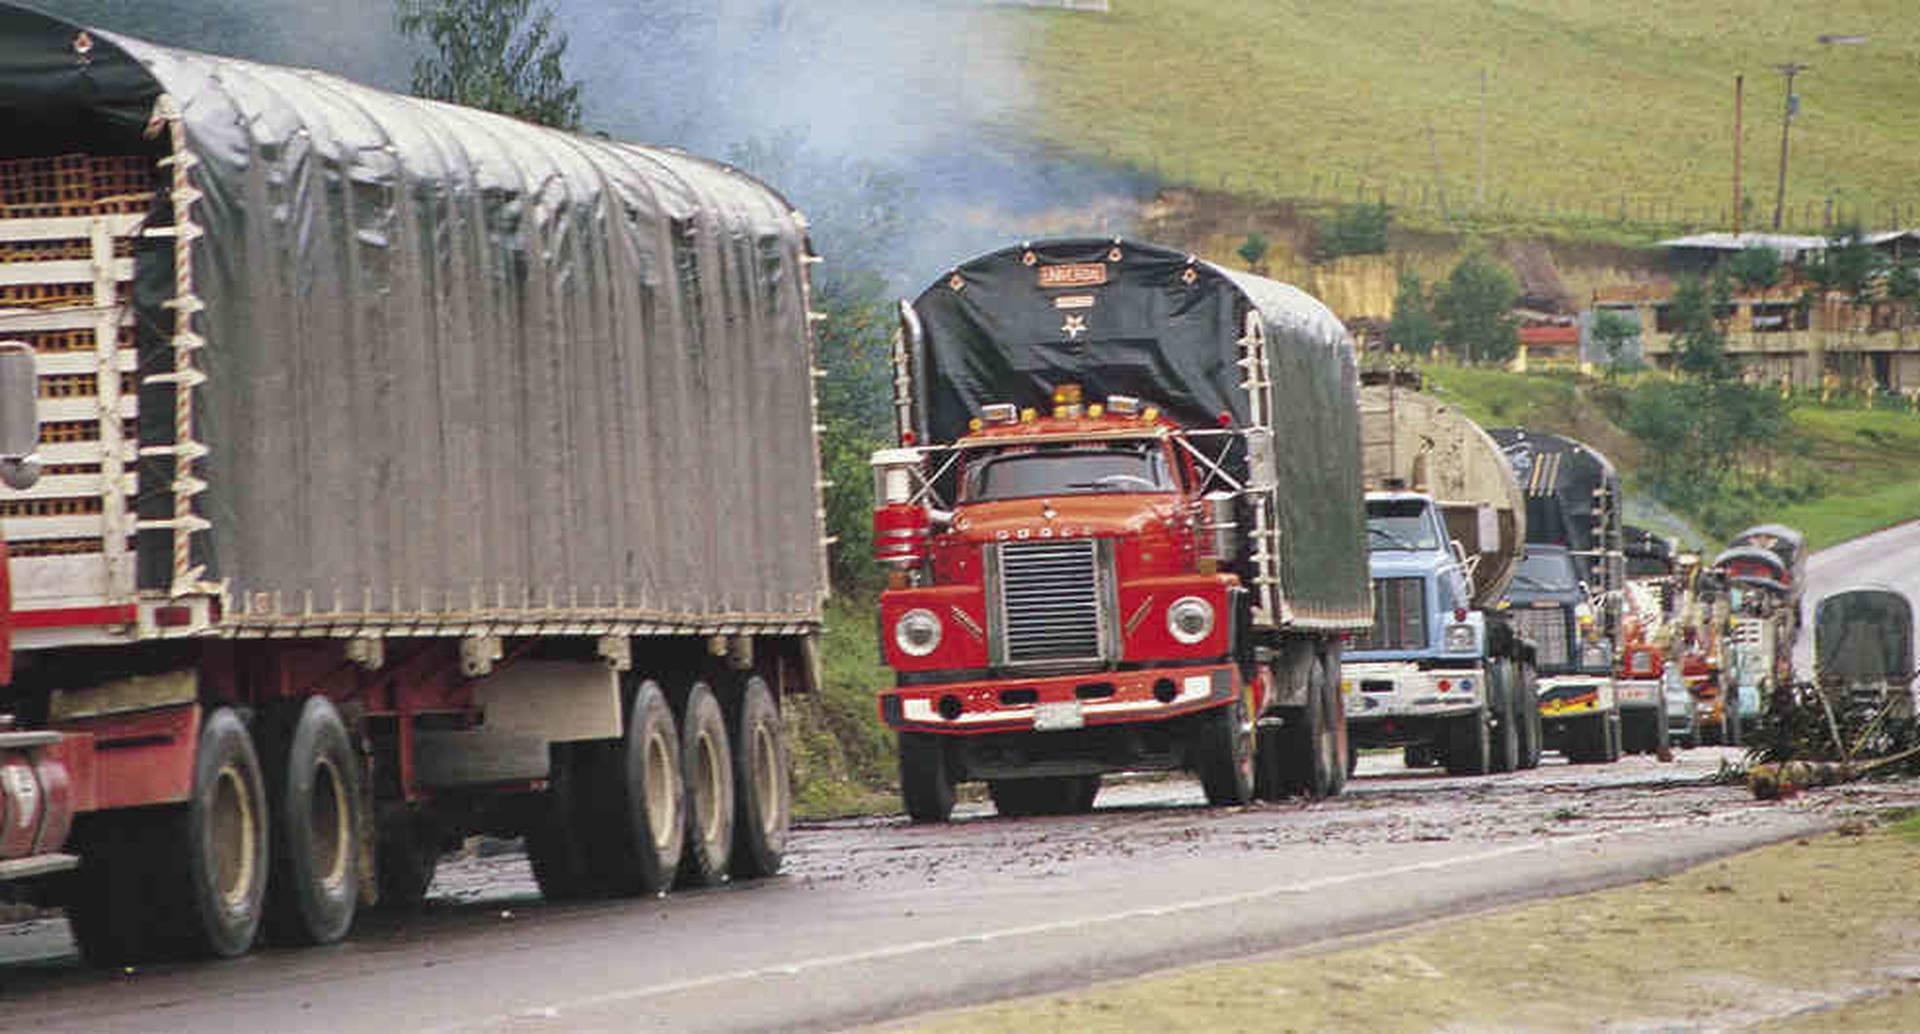 Los camiones han seguido rodando en cuarentena para asegurar sobre todo que los colombianos tengan alimentos y medicamentos.